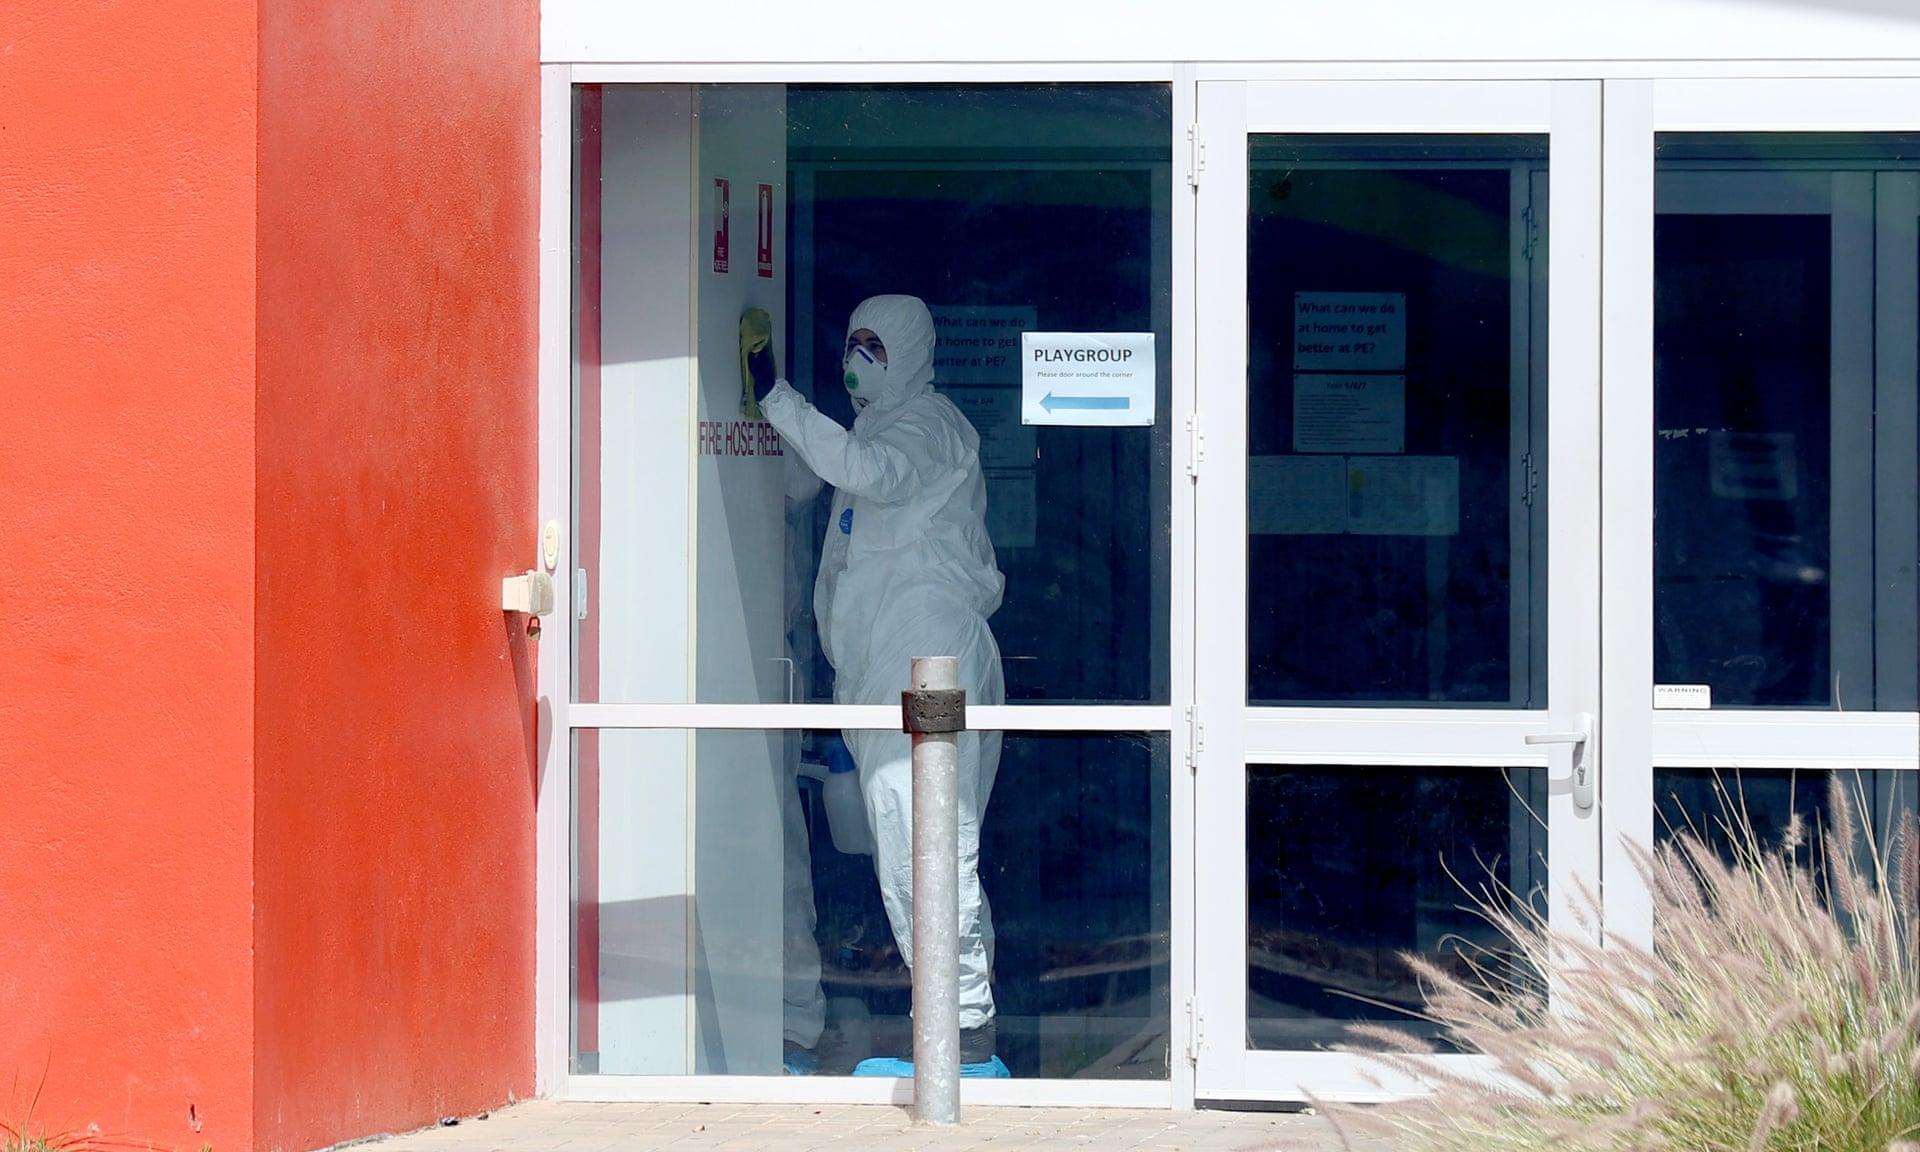 شیوع دوباره ویروس کرونا در استرالیای جنوبی؛ آدلاید کانون شیوع ویروس کرونا